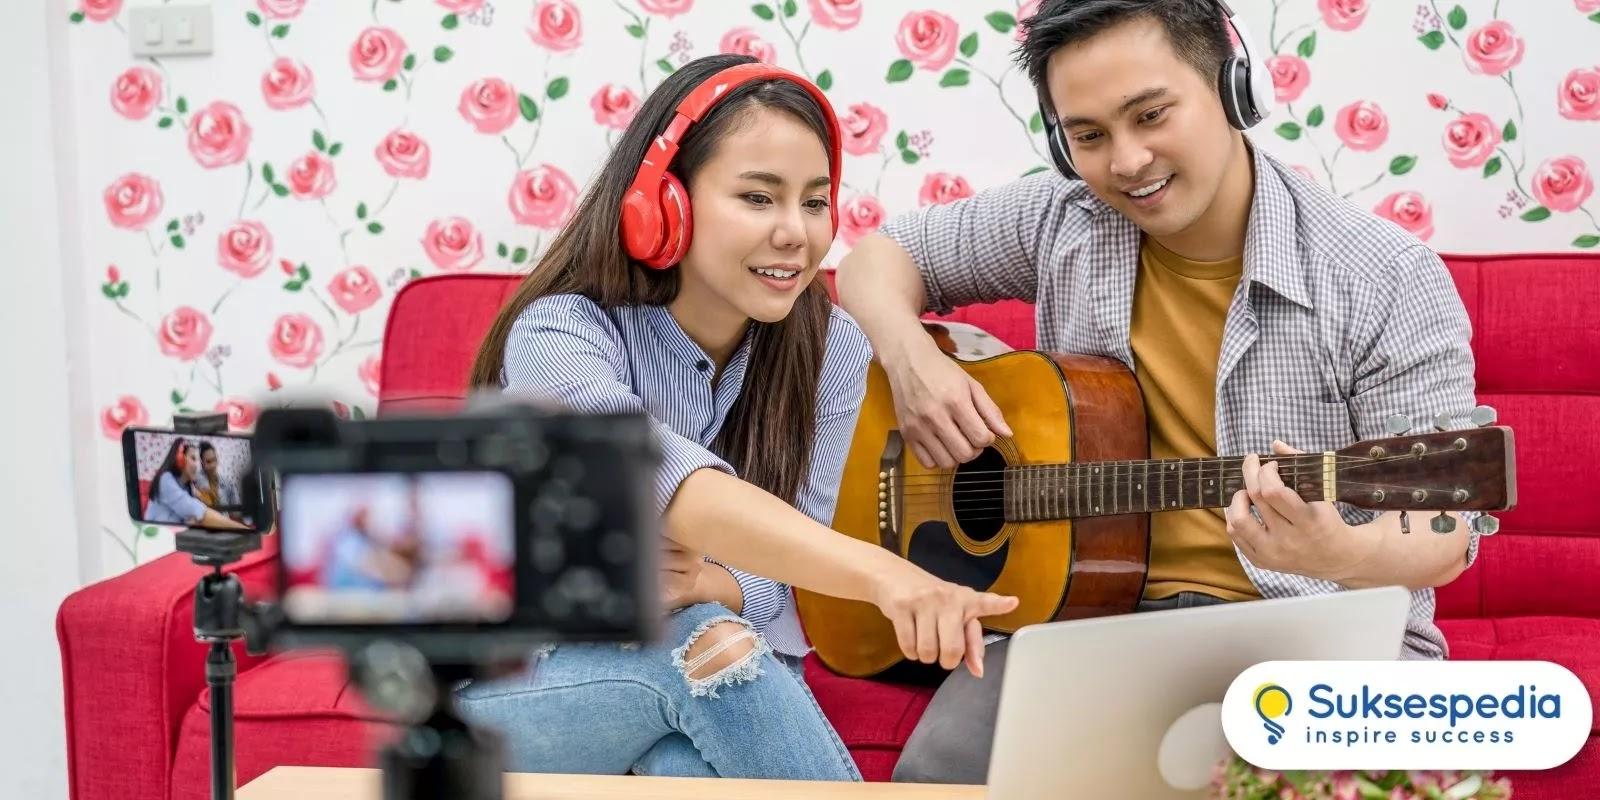 Simak! Cara Membuat Channel Youtube Musik Agar Lebih Menarik